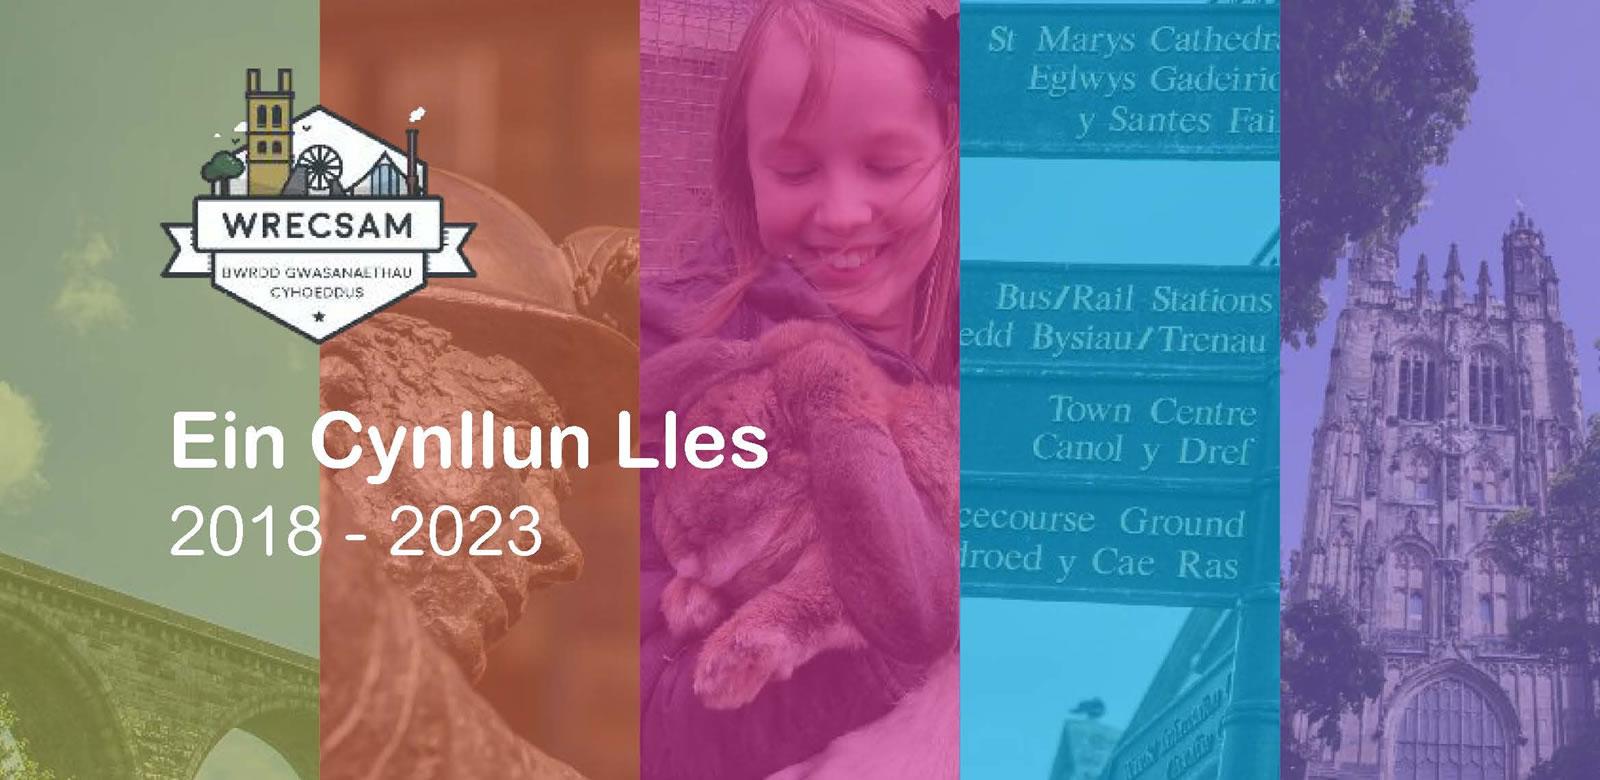 Ein-Cynllun-Lles-2018-2023_Page_01